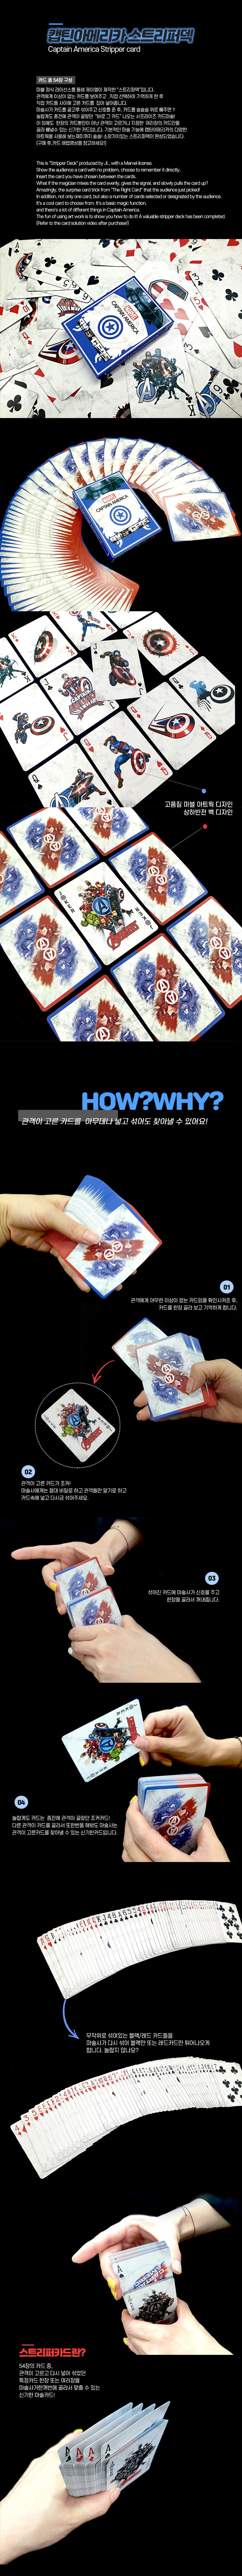 (신기한마술카드)캡틴아메리카 스트리퍼덱 - 제이엘, 8,000원, 카드마술, 카드마술